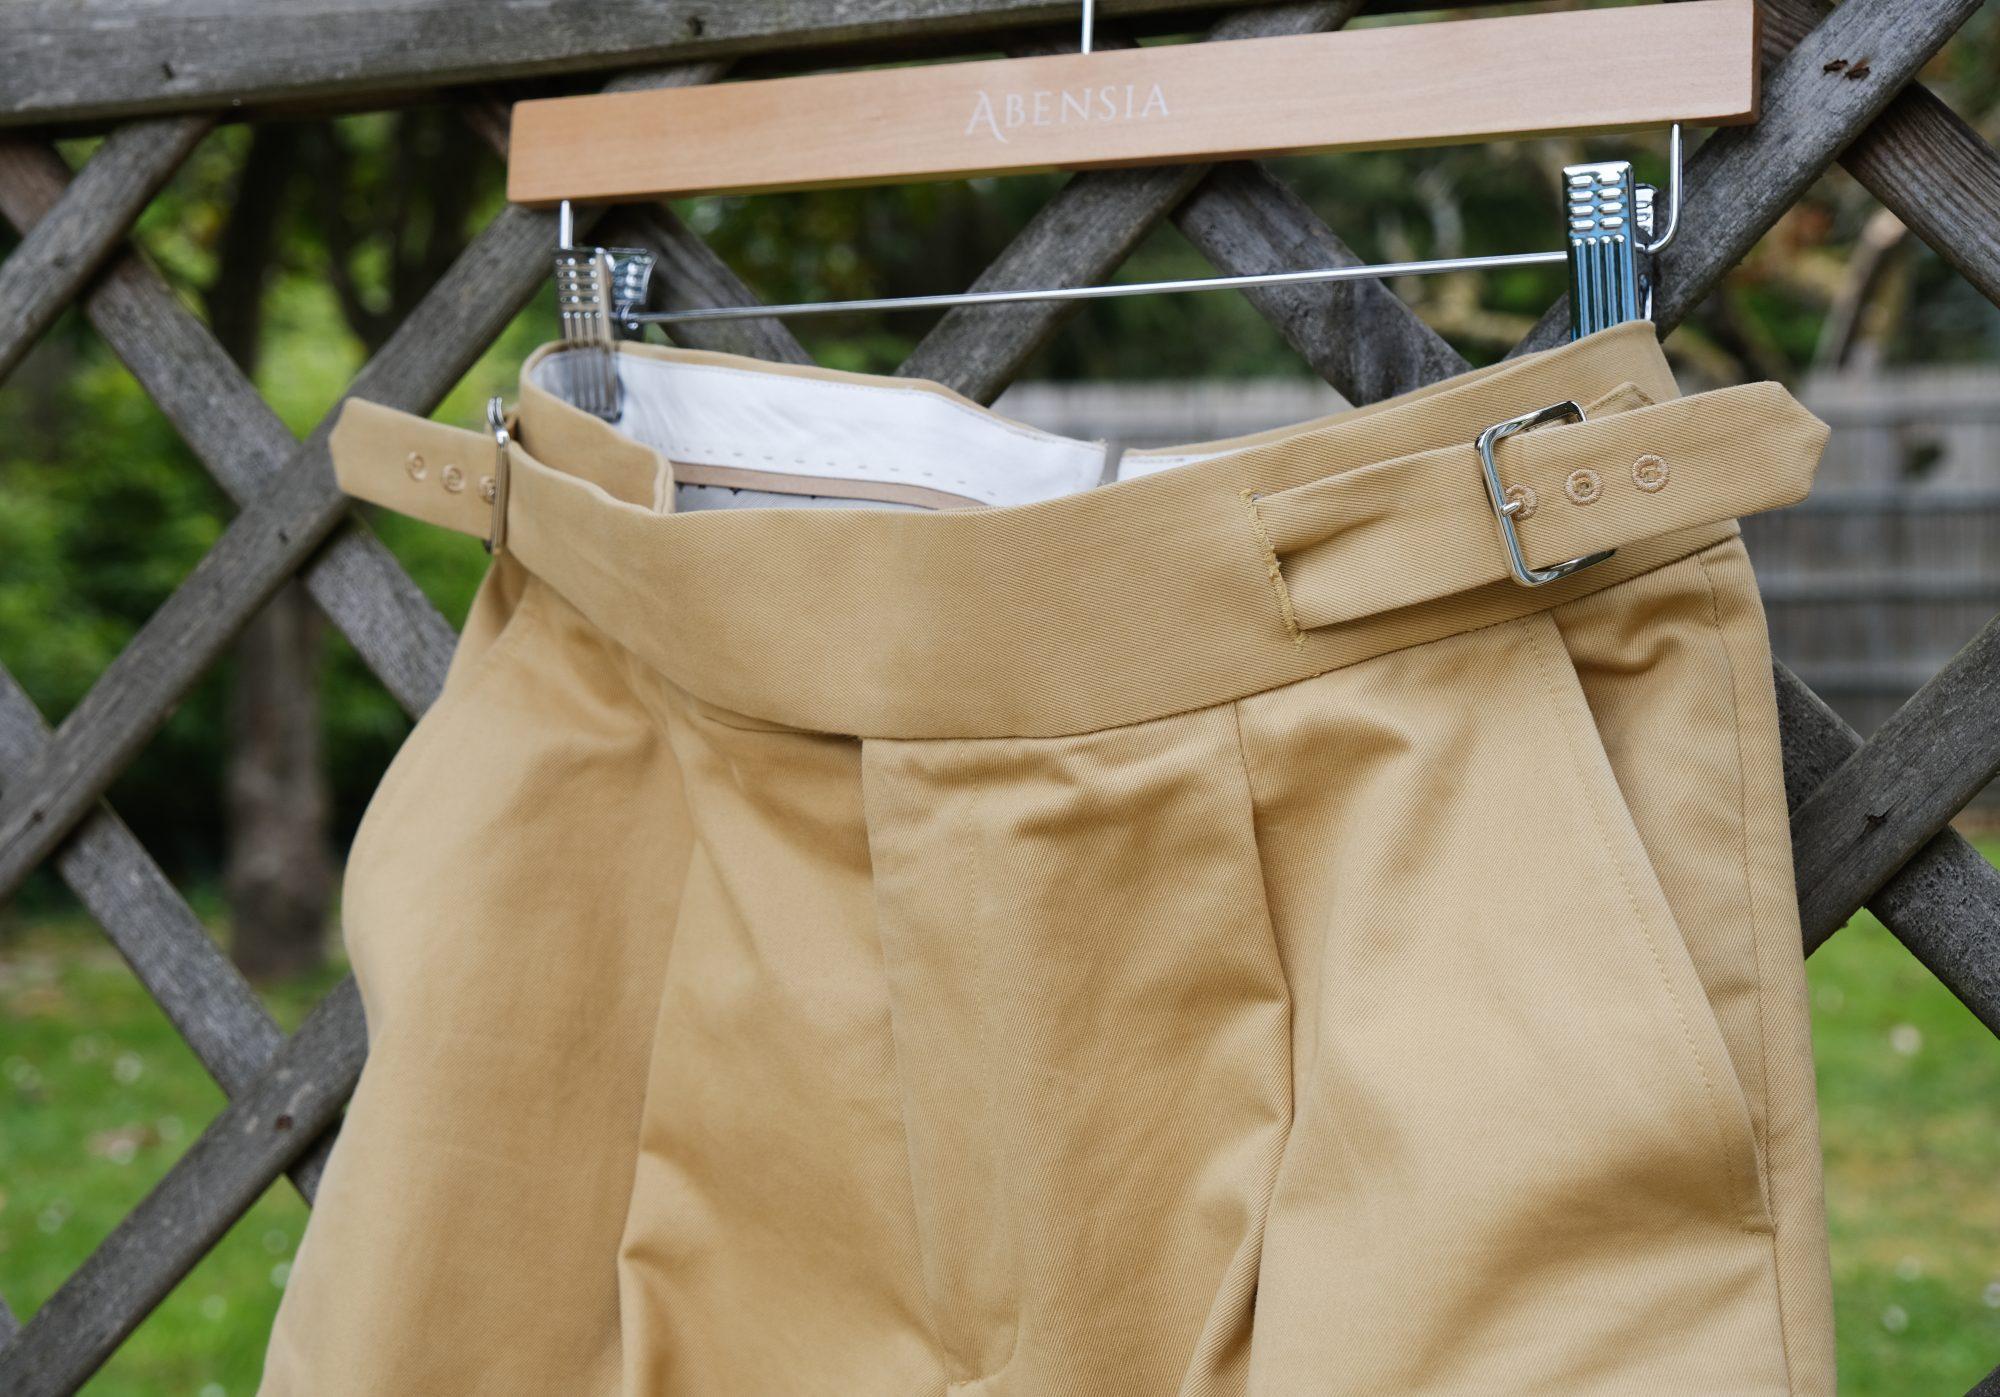 Aperçu pantalon gurkha abensia